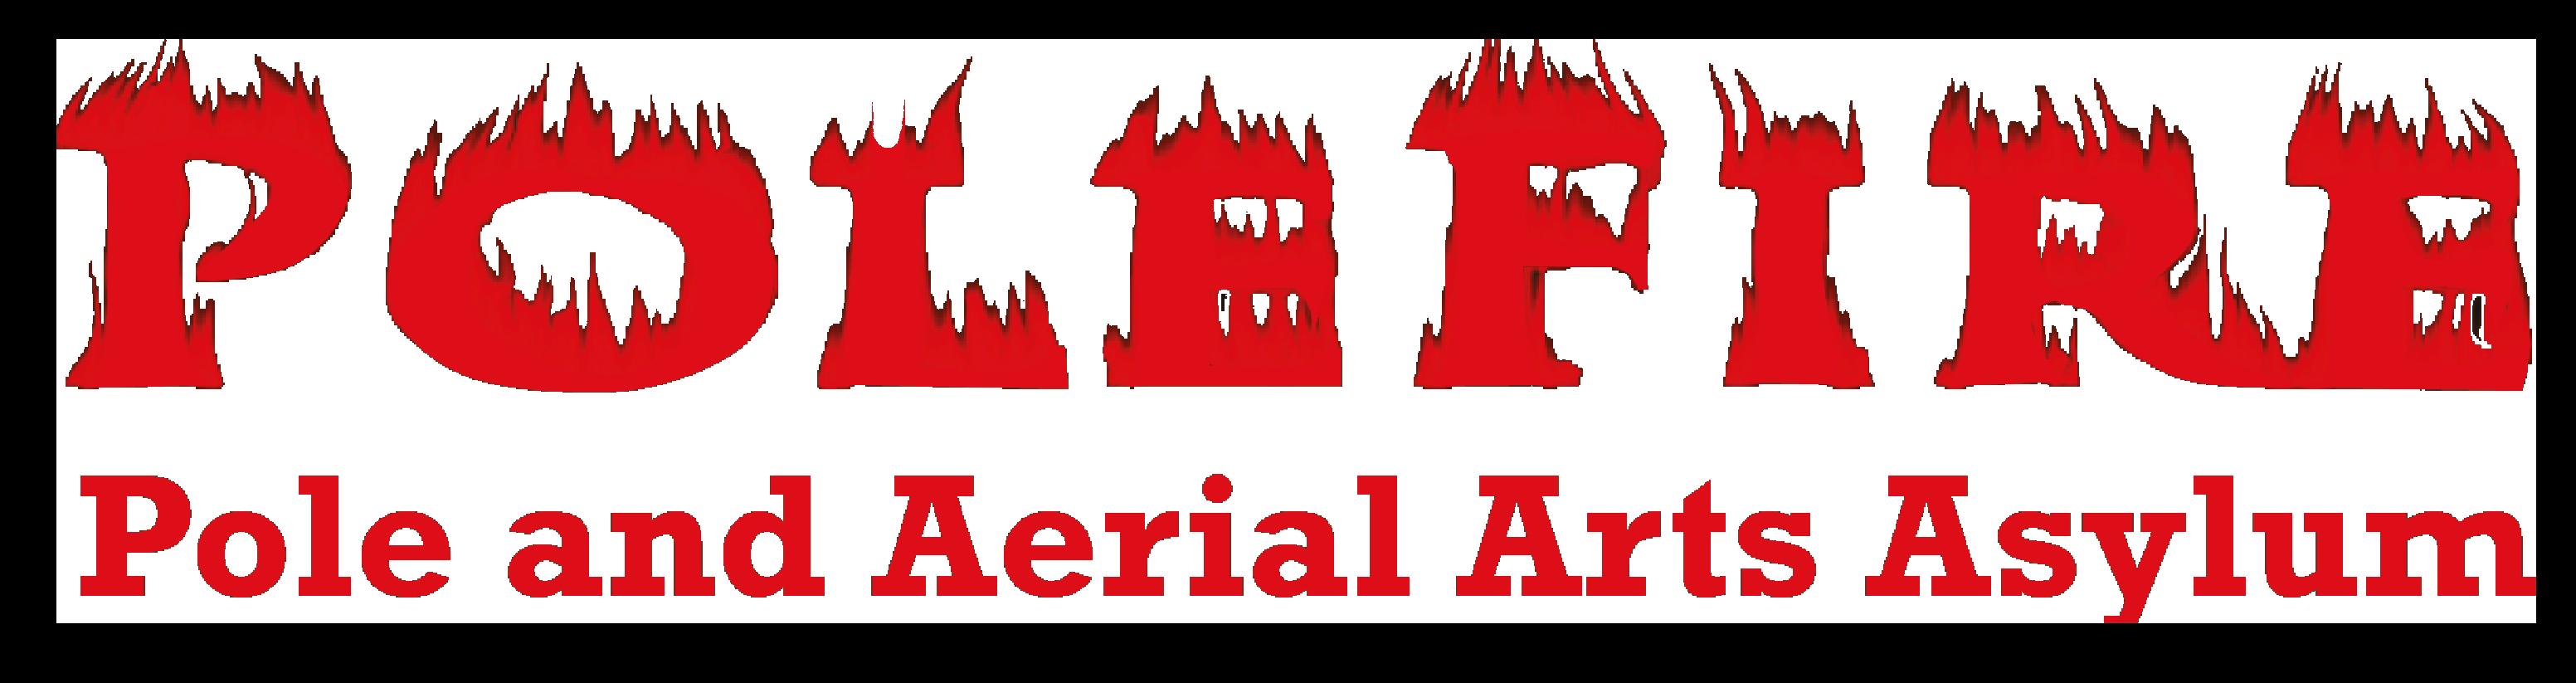 siren asylum text logo